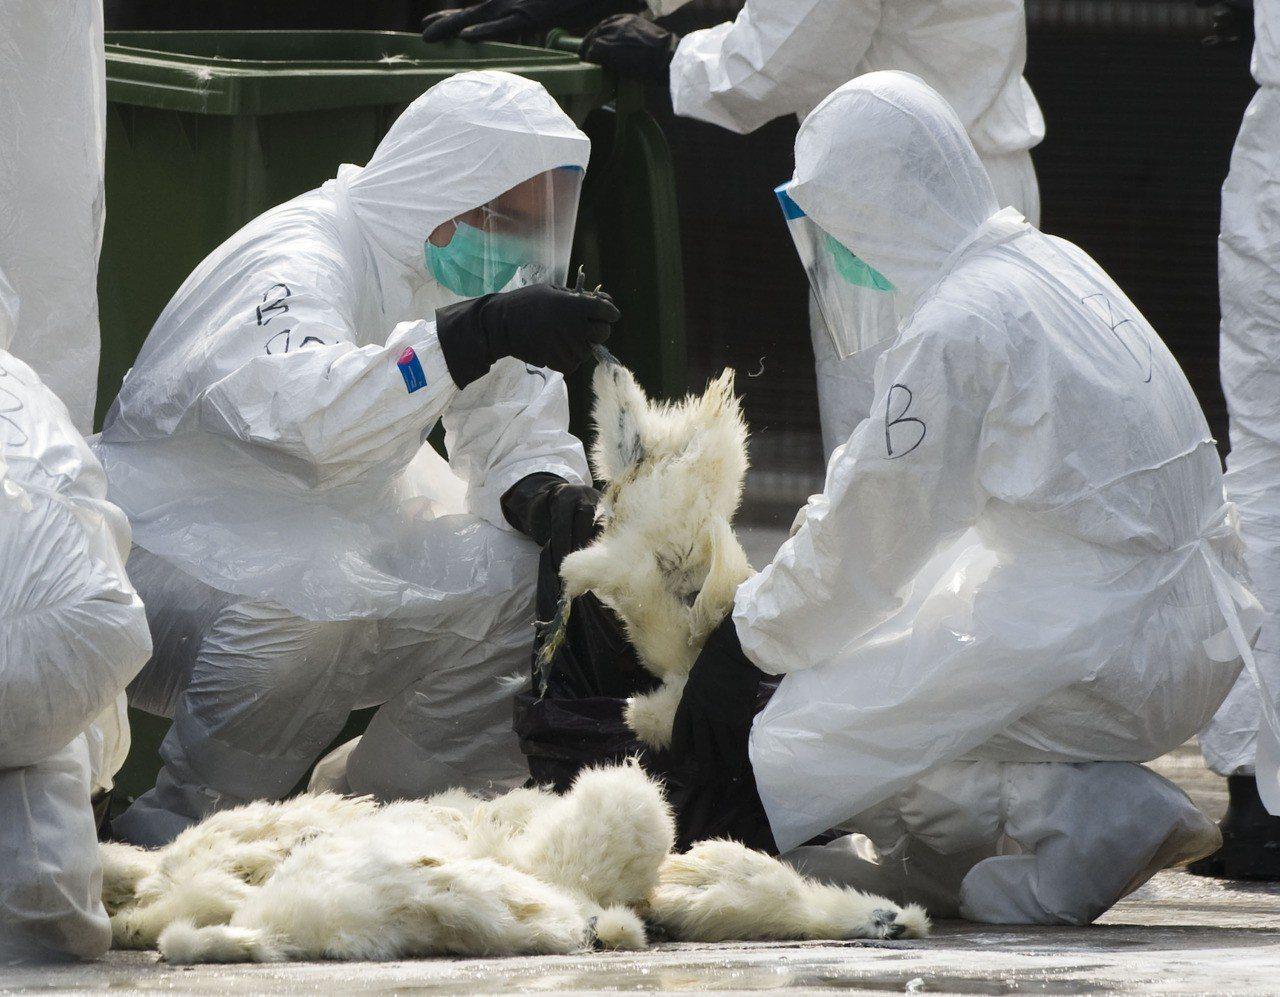 雲林縣元長鄉1處鵝場隨意丟棄死鵝,被檢舉後經防疫所檢驗出H5N2禽流感,圖為示意...